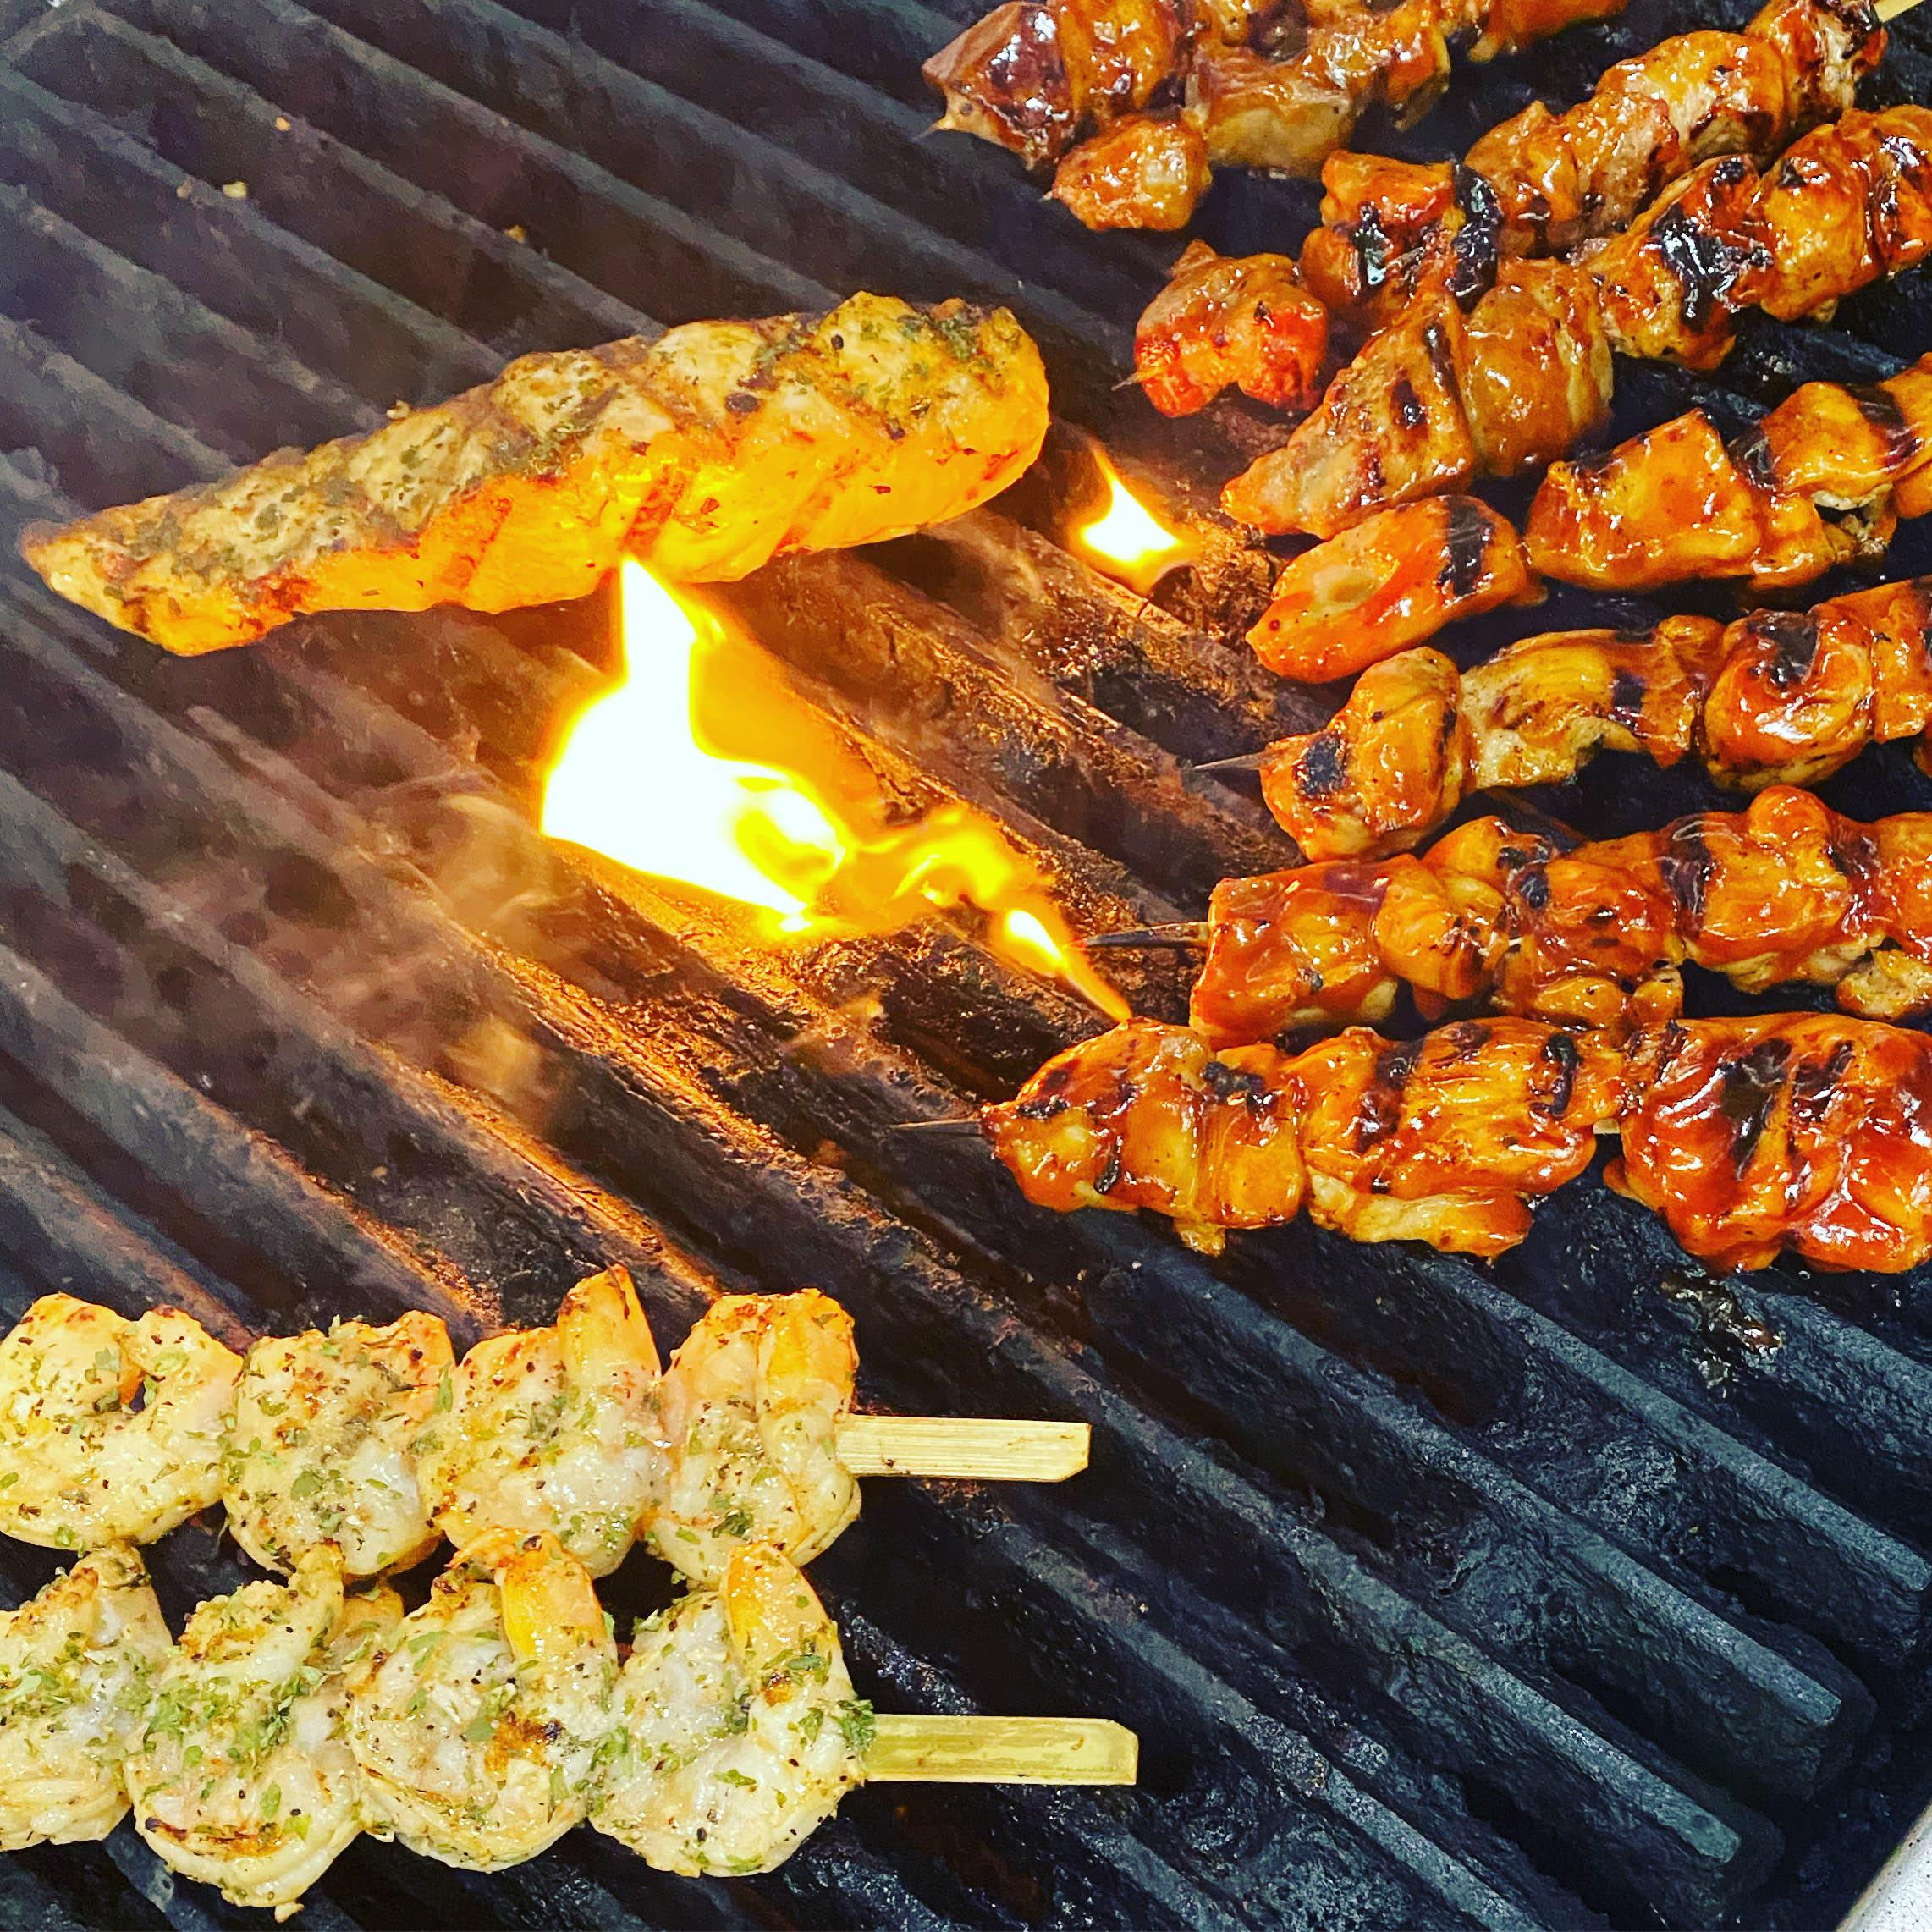 grill skewer